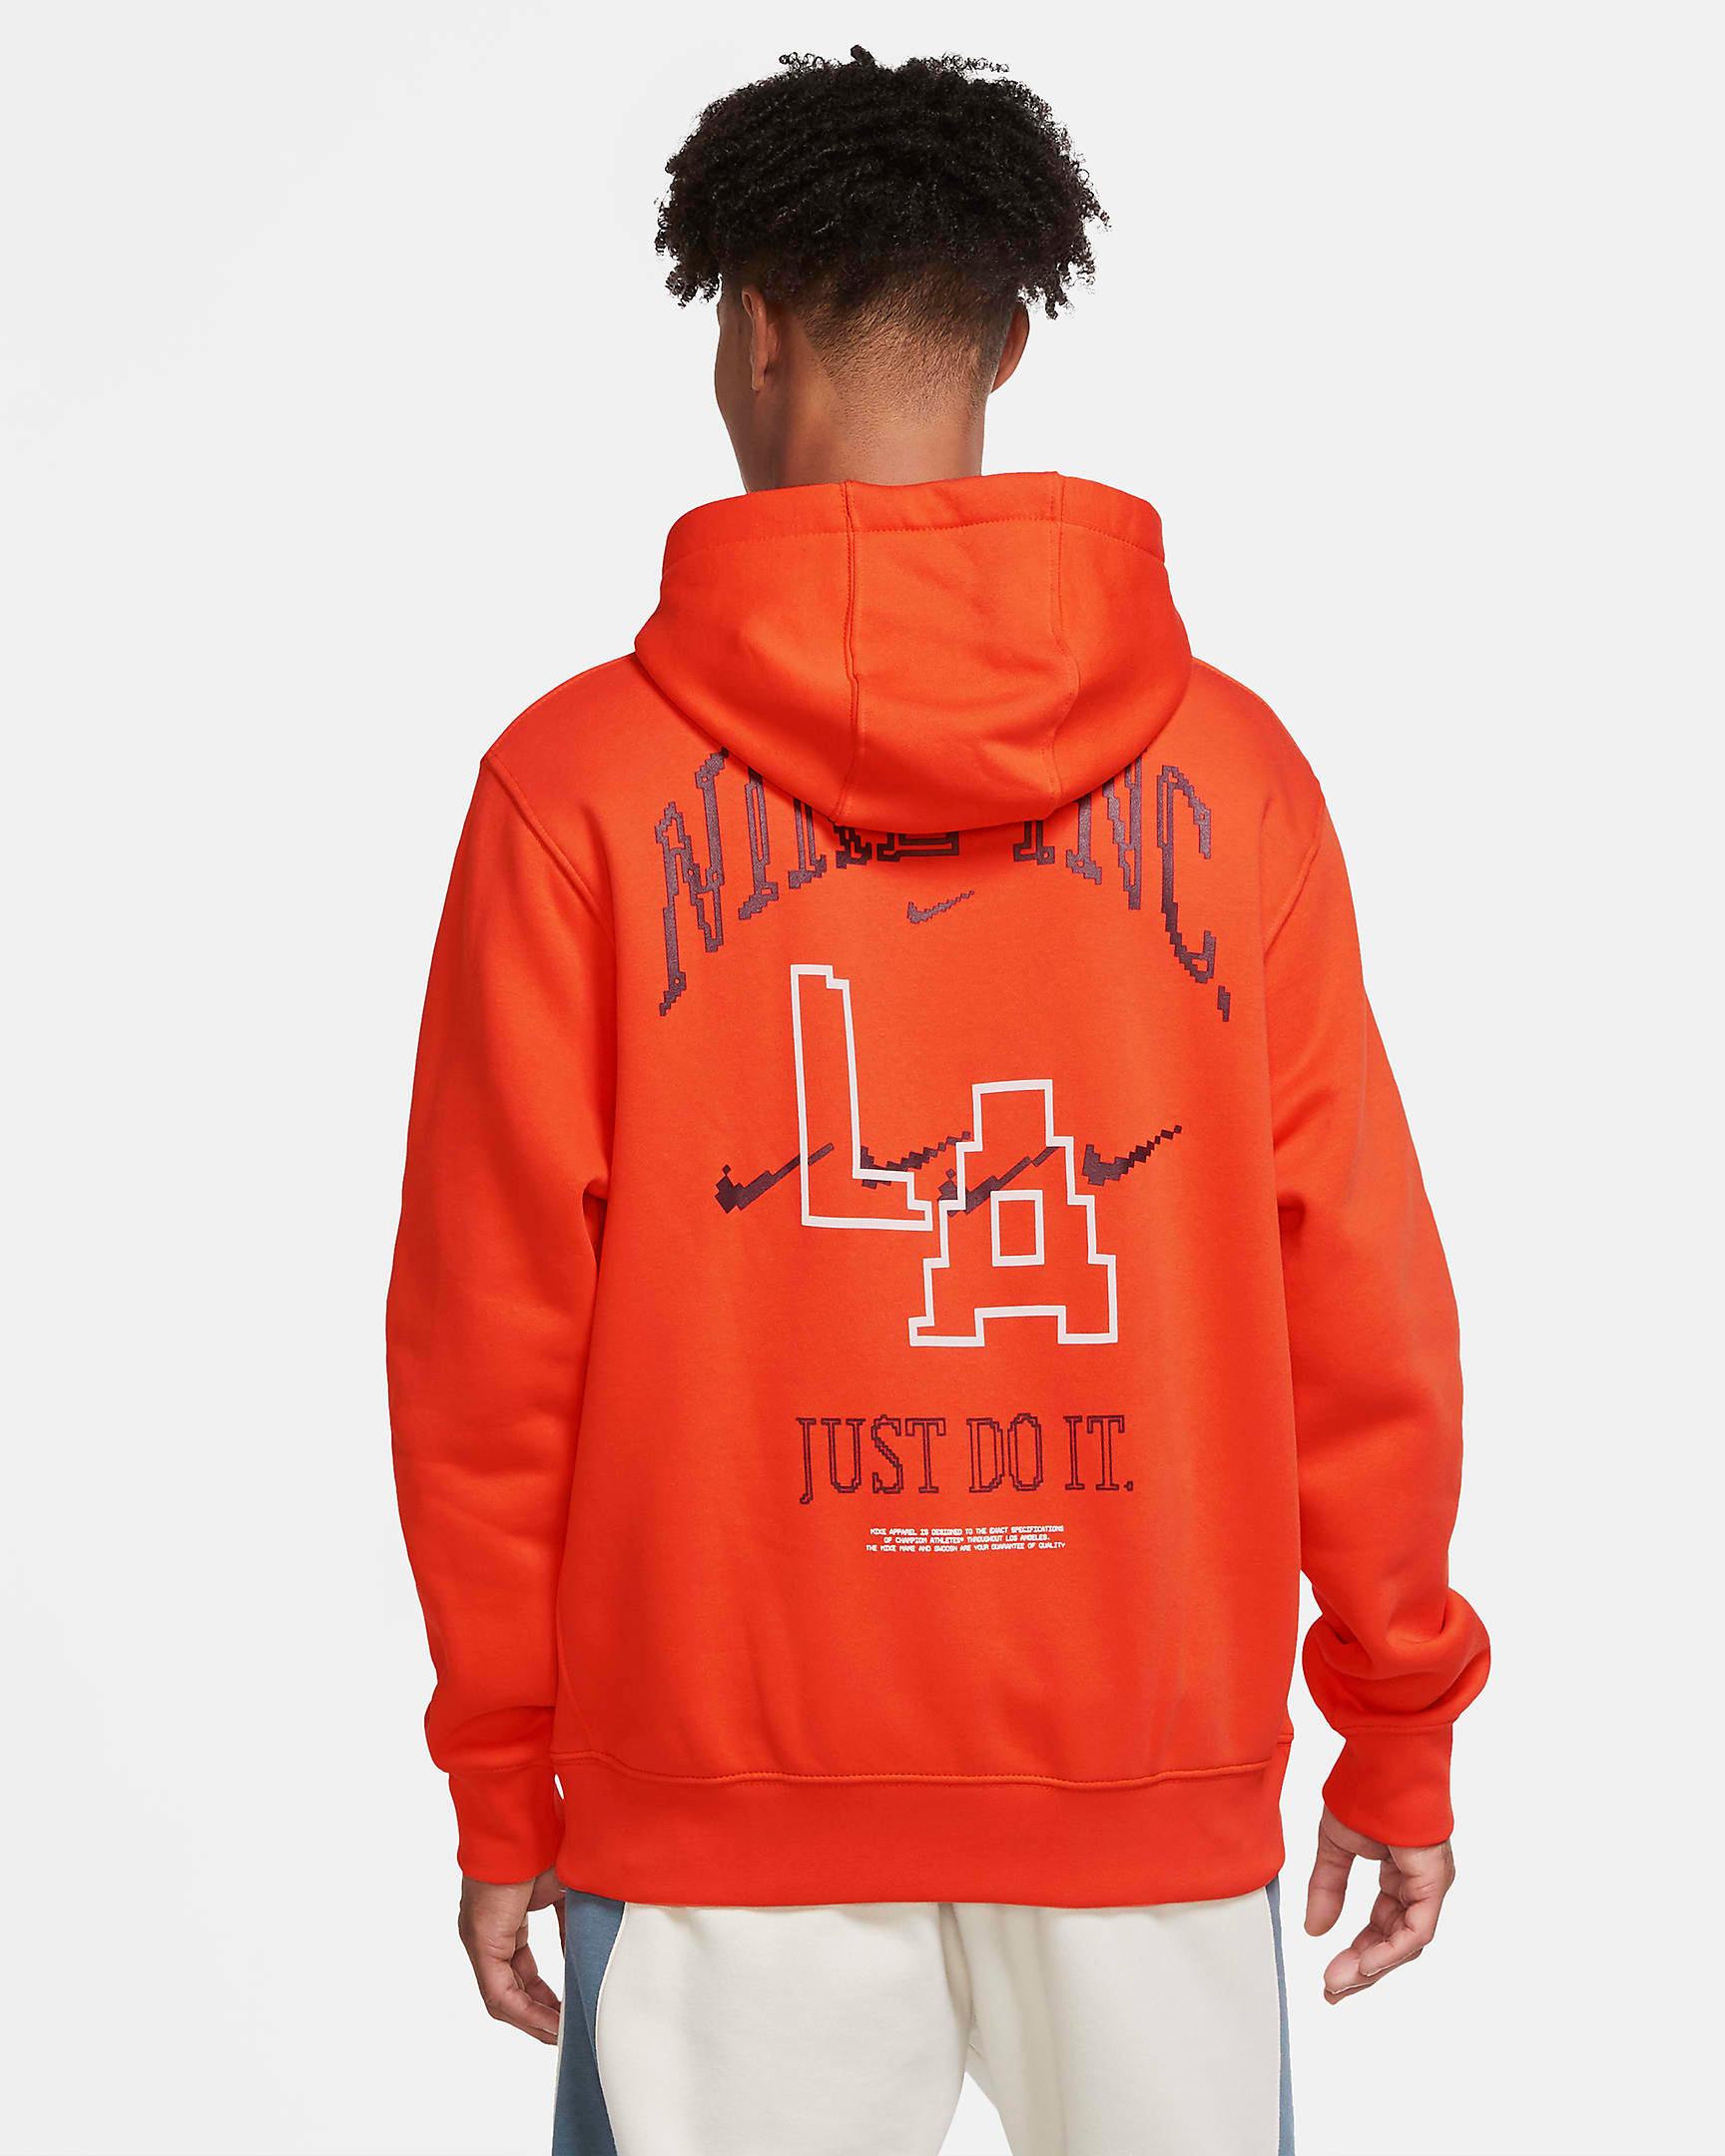 nike-air-max-97-los-angeles-orange-hoodie-2